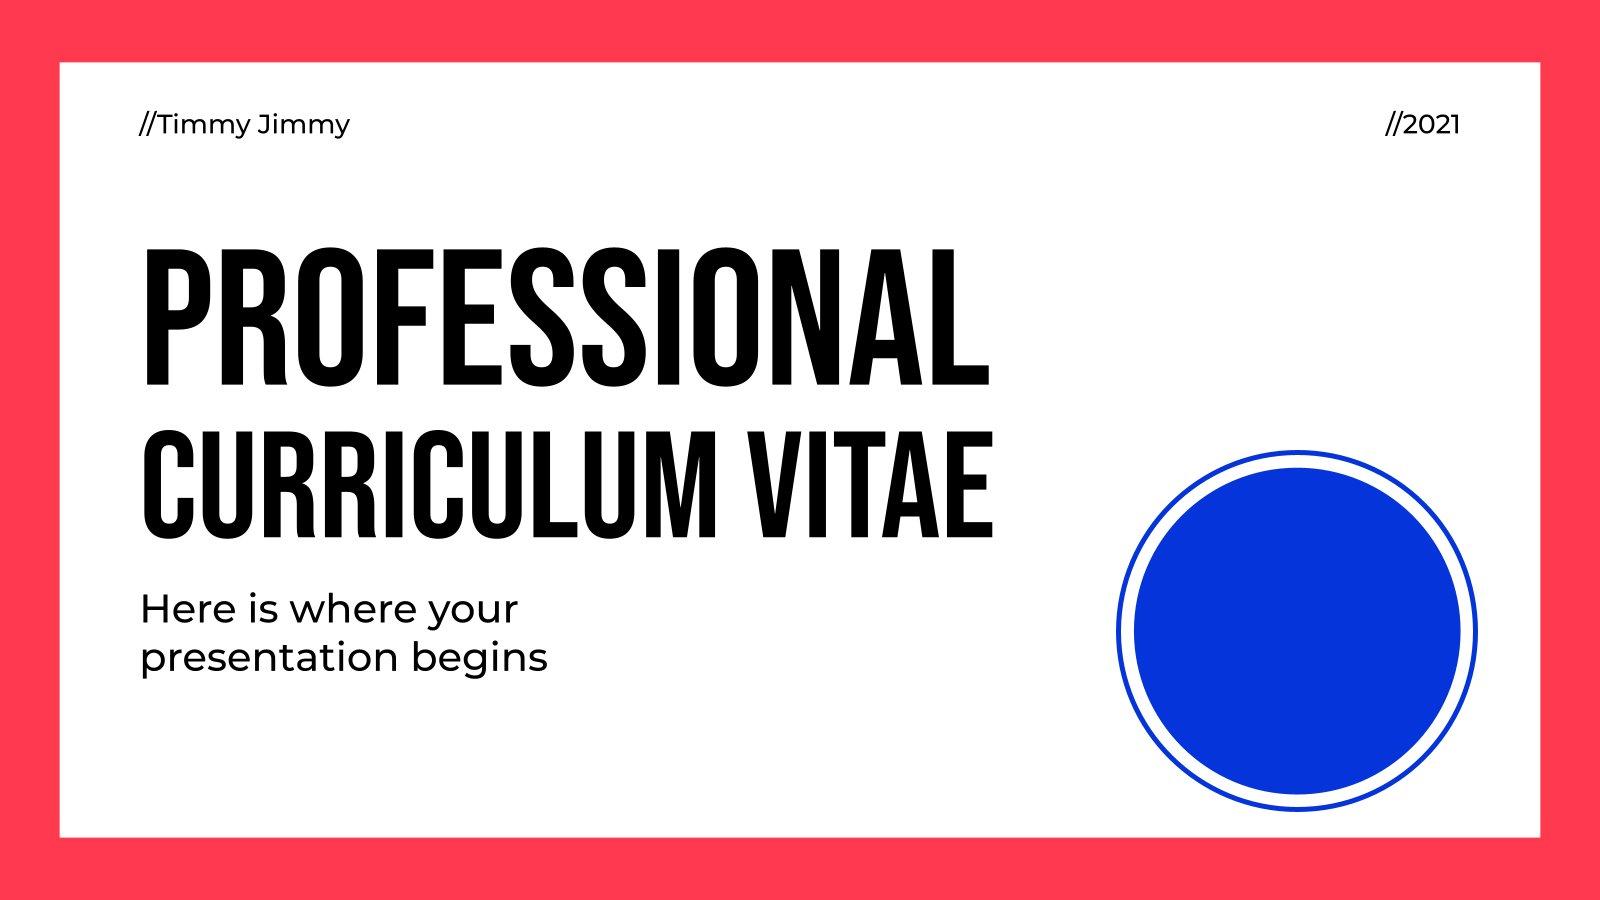 Plantilla de presentación Curriculum vitae profesional